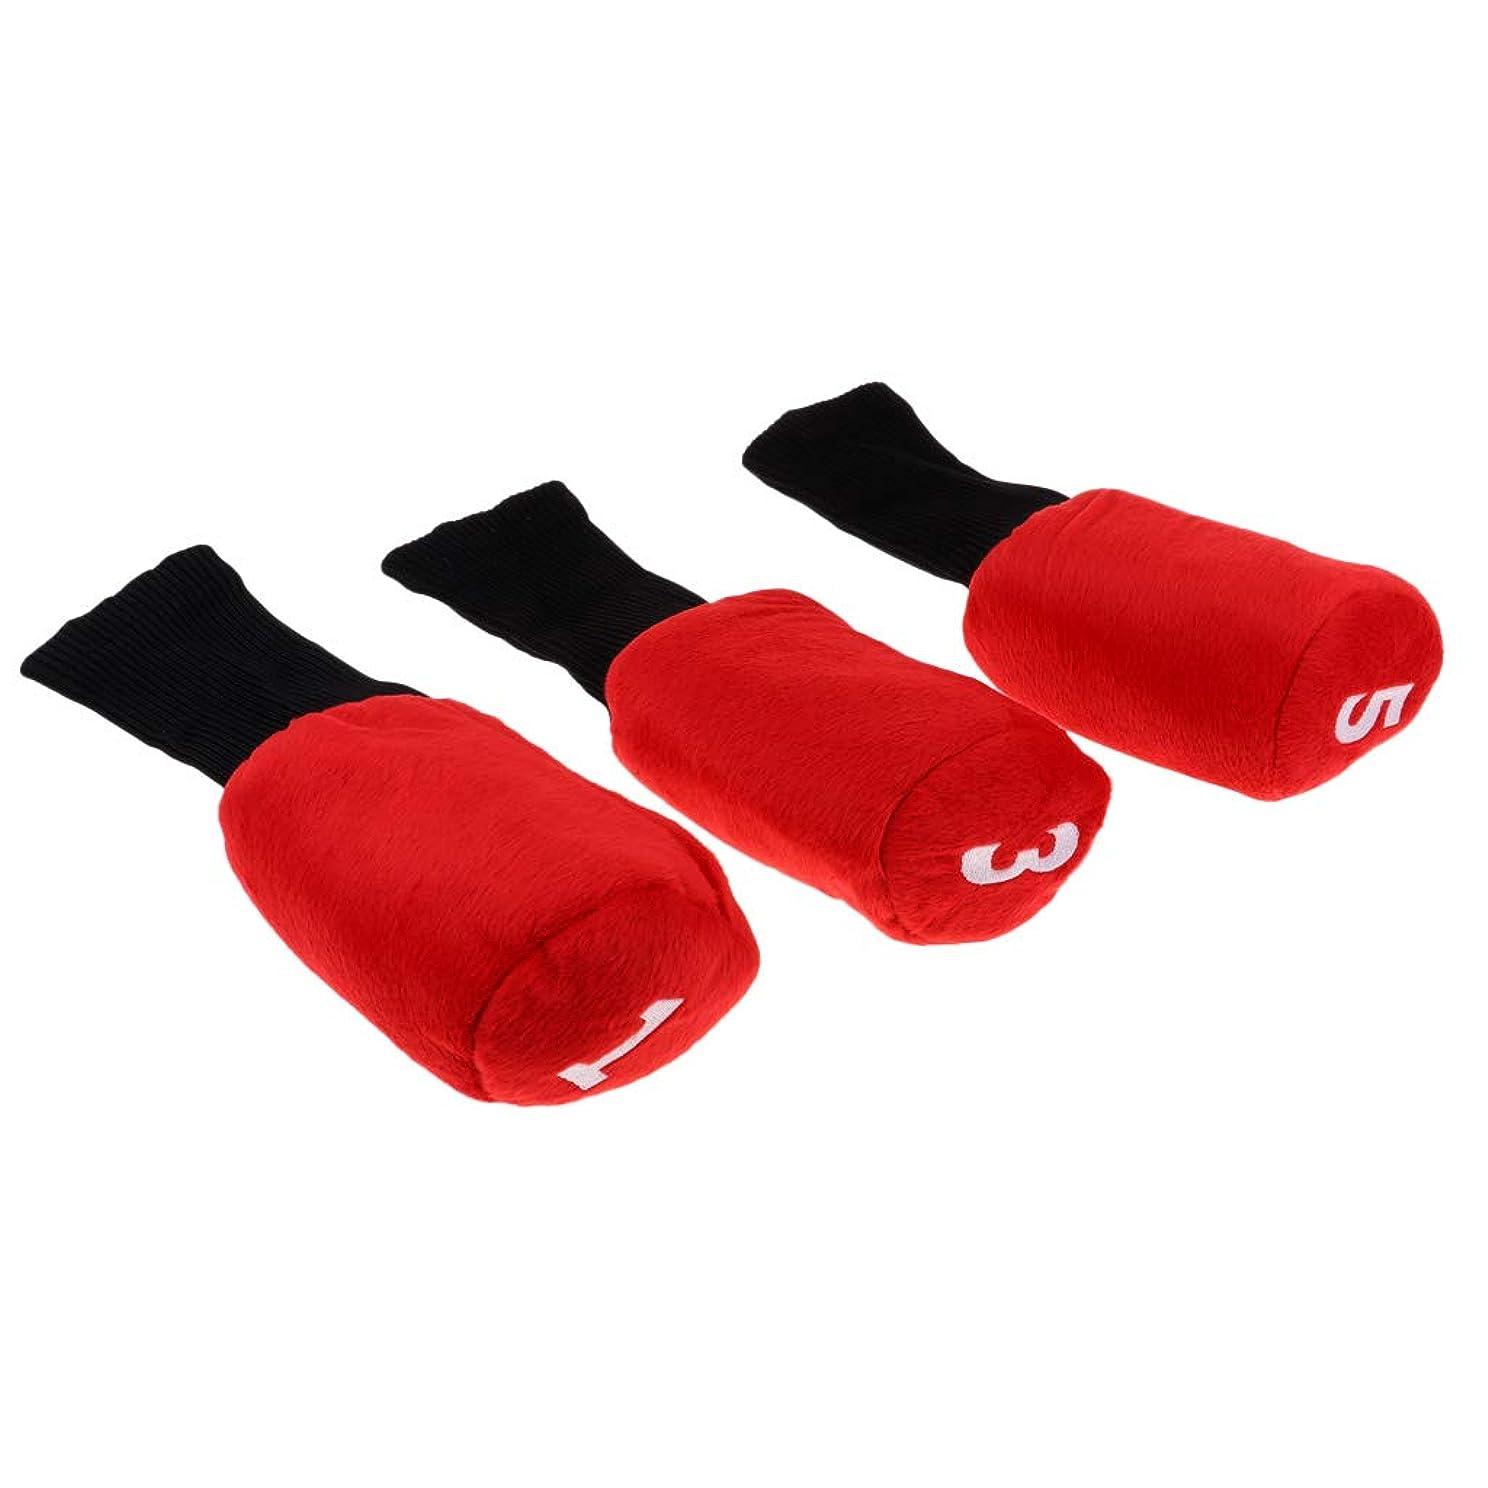 保護増幅器不安T TOOYFUL ロングネック ゴルフクラブ ヘッドカバー ウッドヘッドカバー 耐衝撃性 耐久性 3個セット